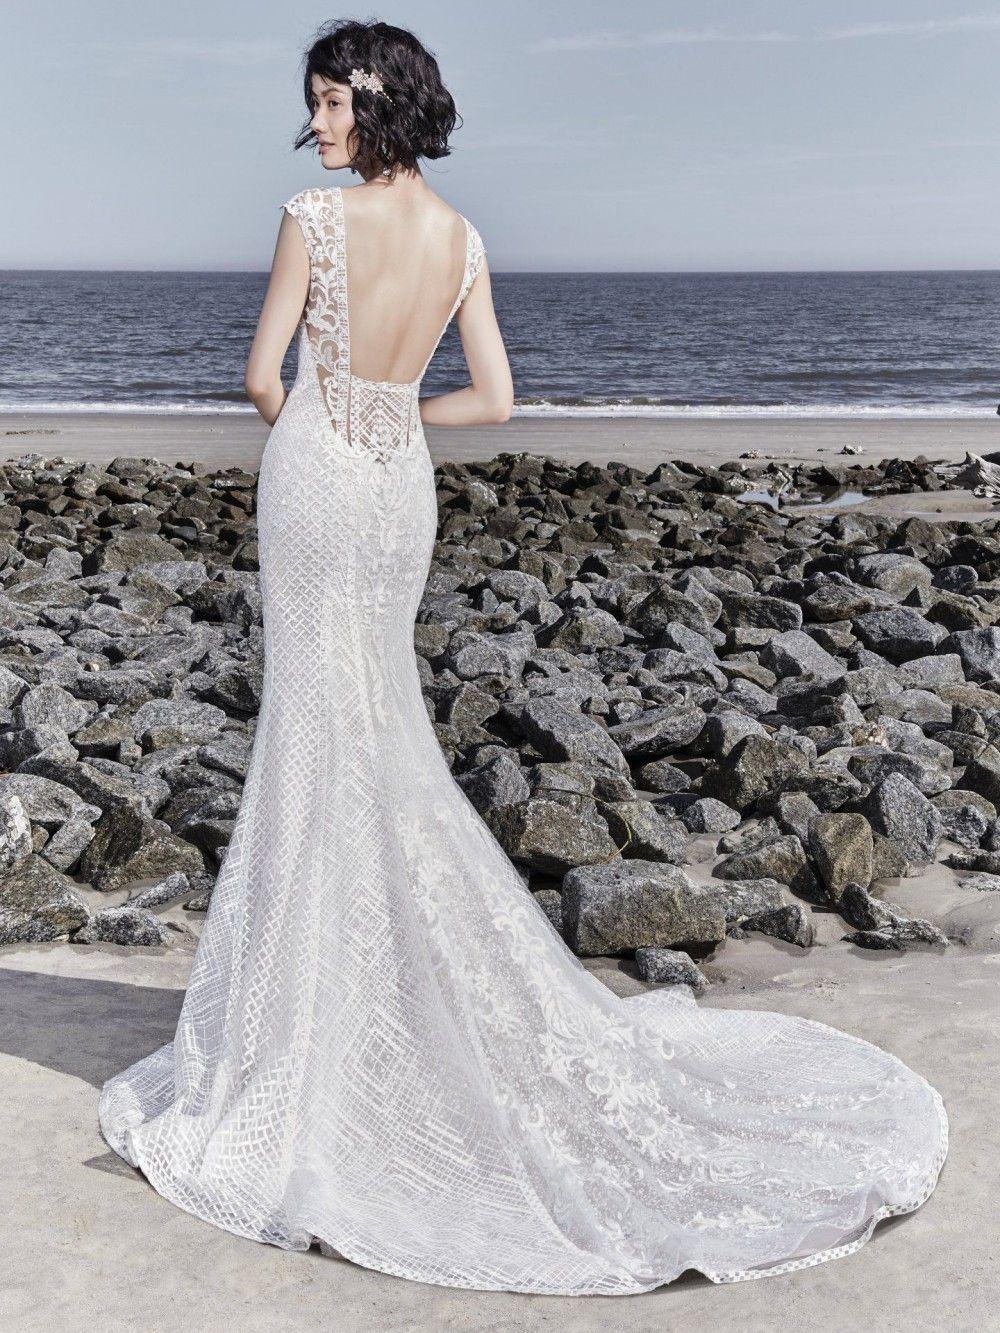 HOCHZEITSKLEID // SOTTERO & MIDGLEY  Hochzeitskleid, Braut und